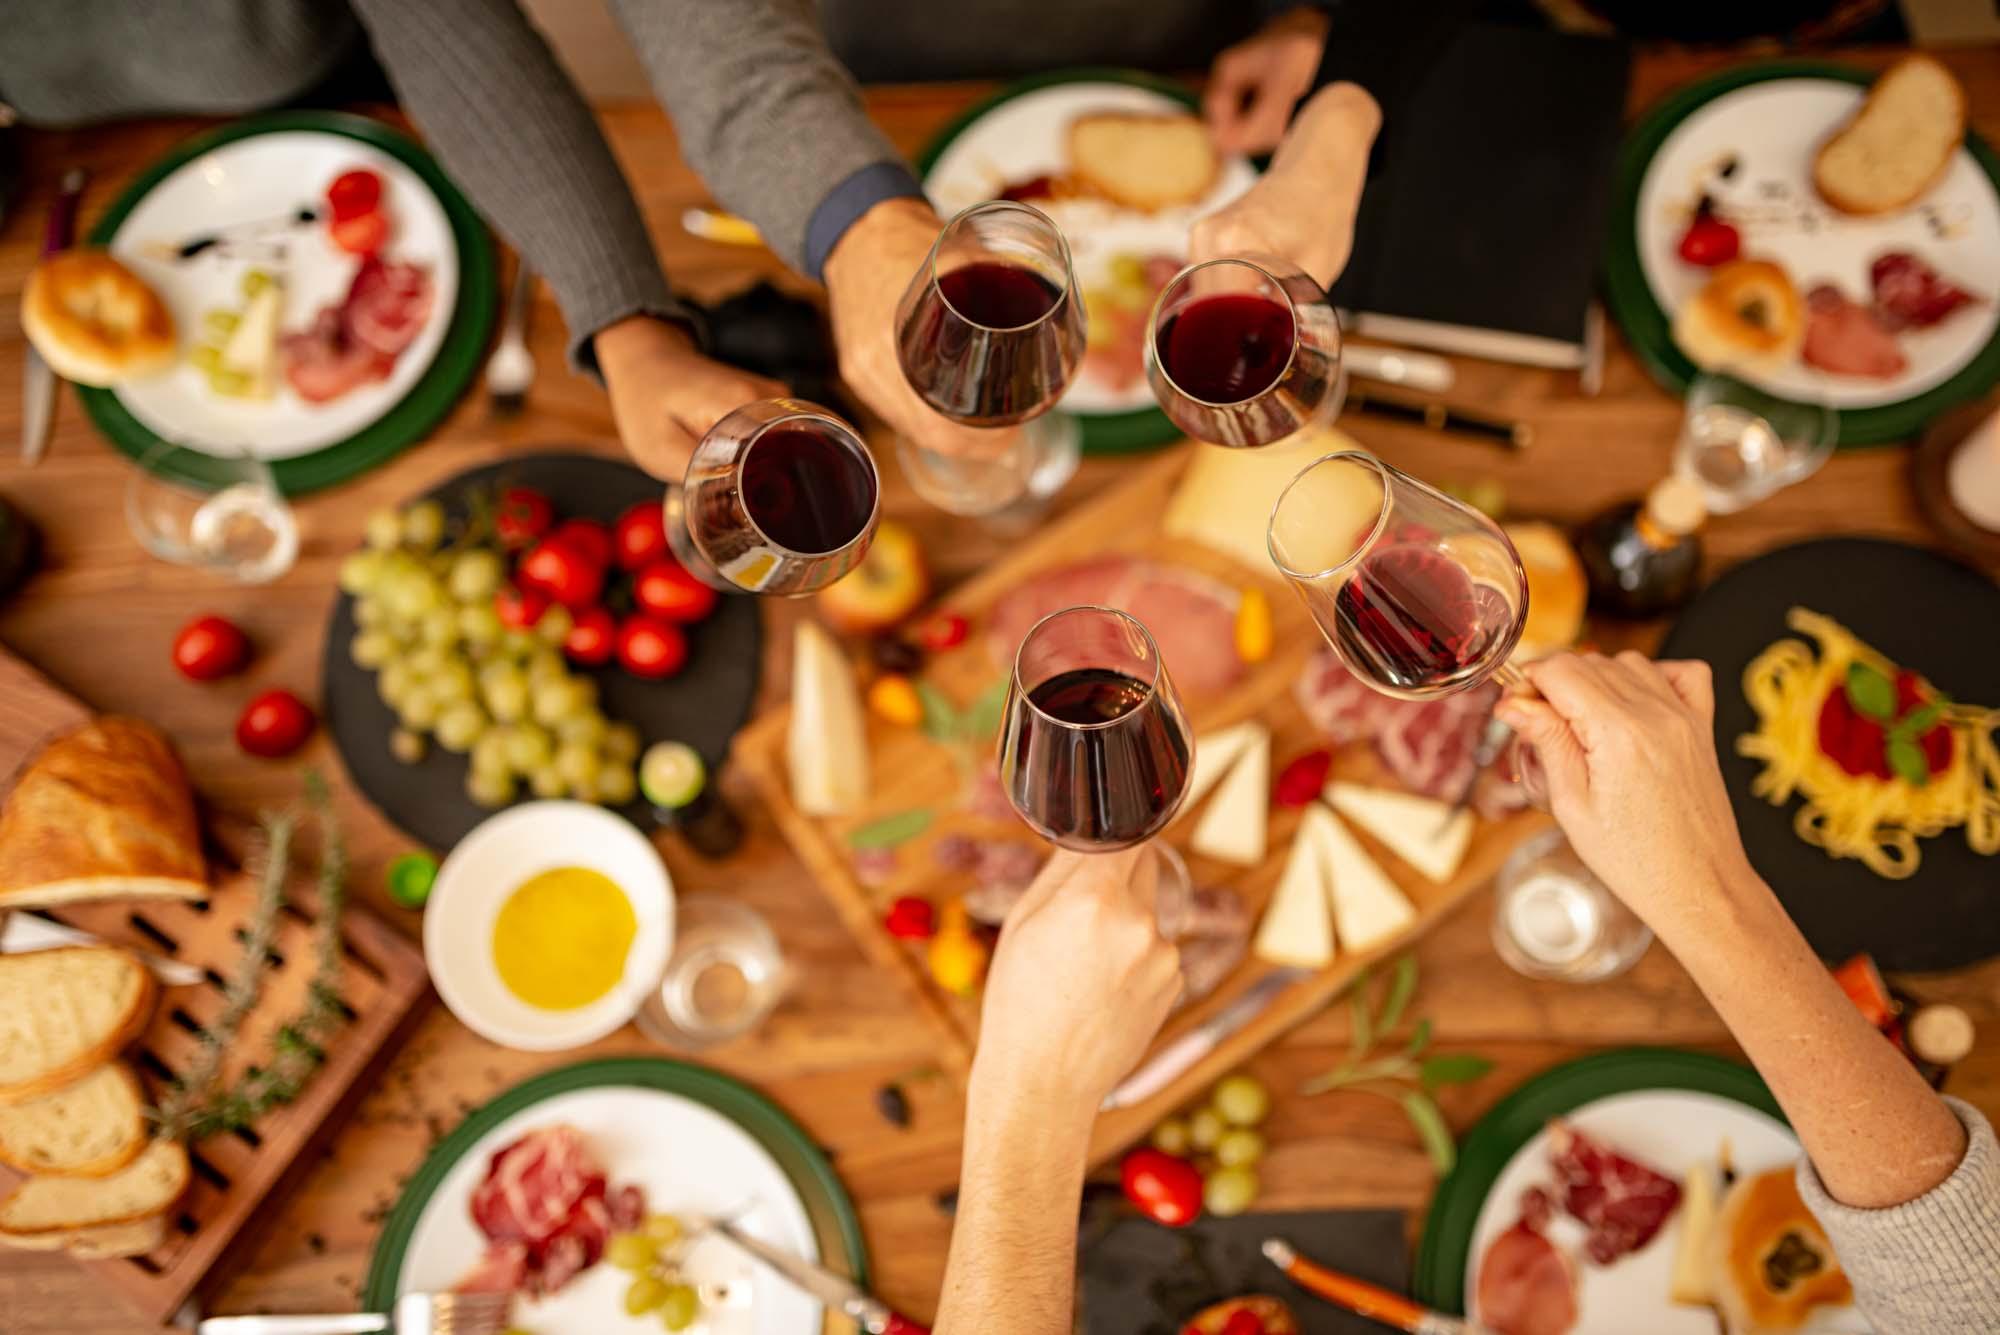 Corsi Di Cucina Formazione Manageriale a Napoli